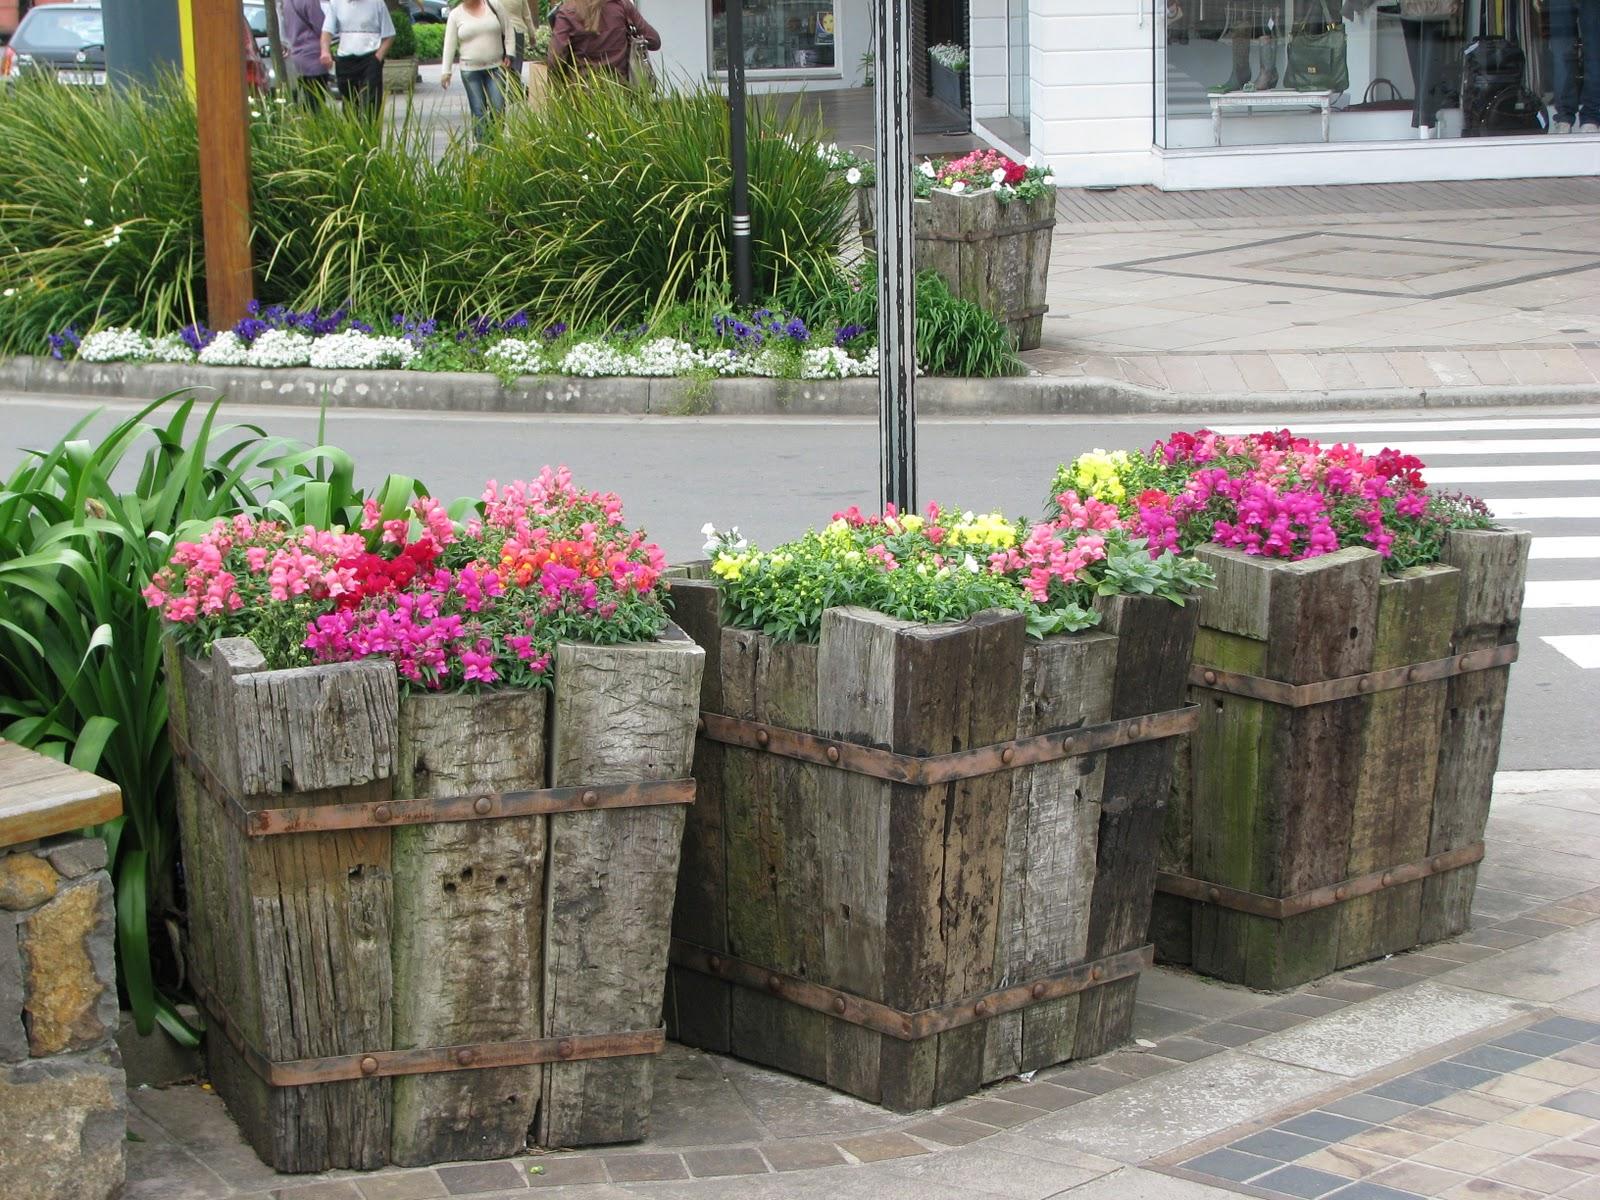 fotos de jardim florido : fotos de jardim florido: , com banquinho. Cada uma era de um jeito, e sempre convidativa